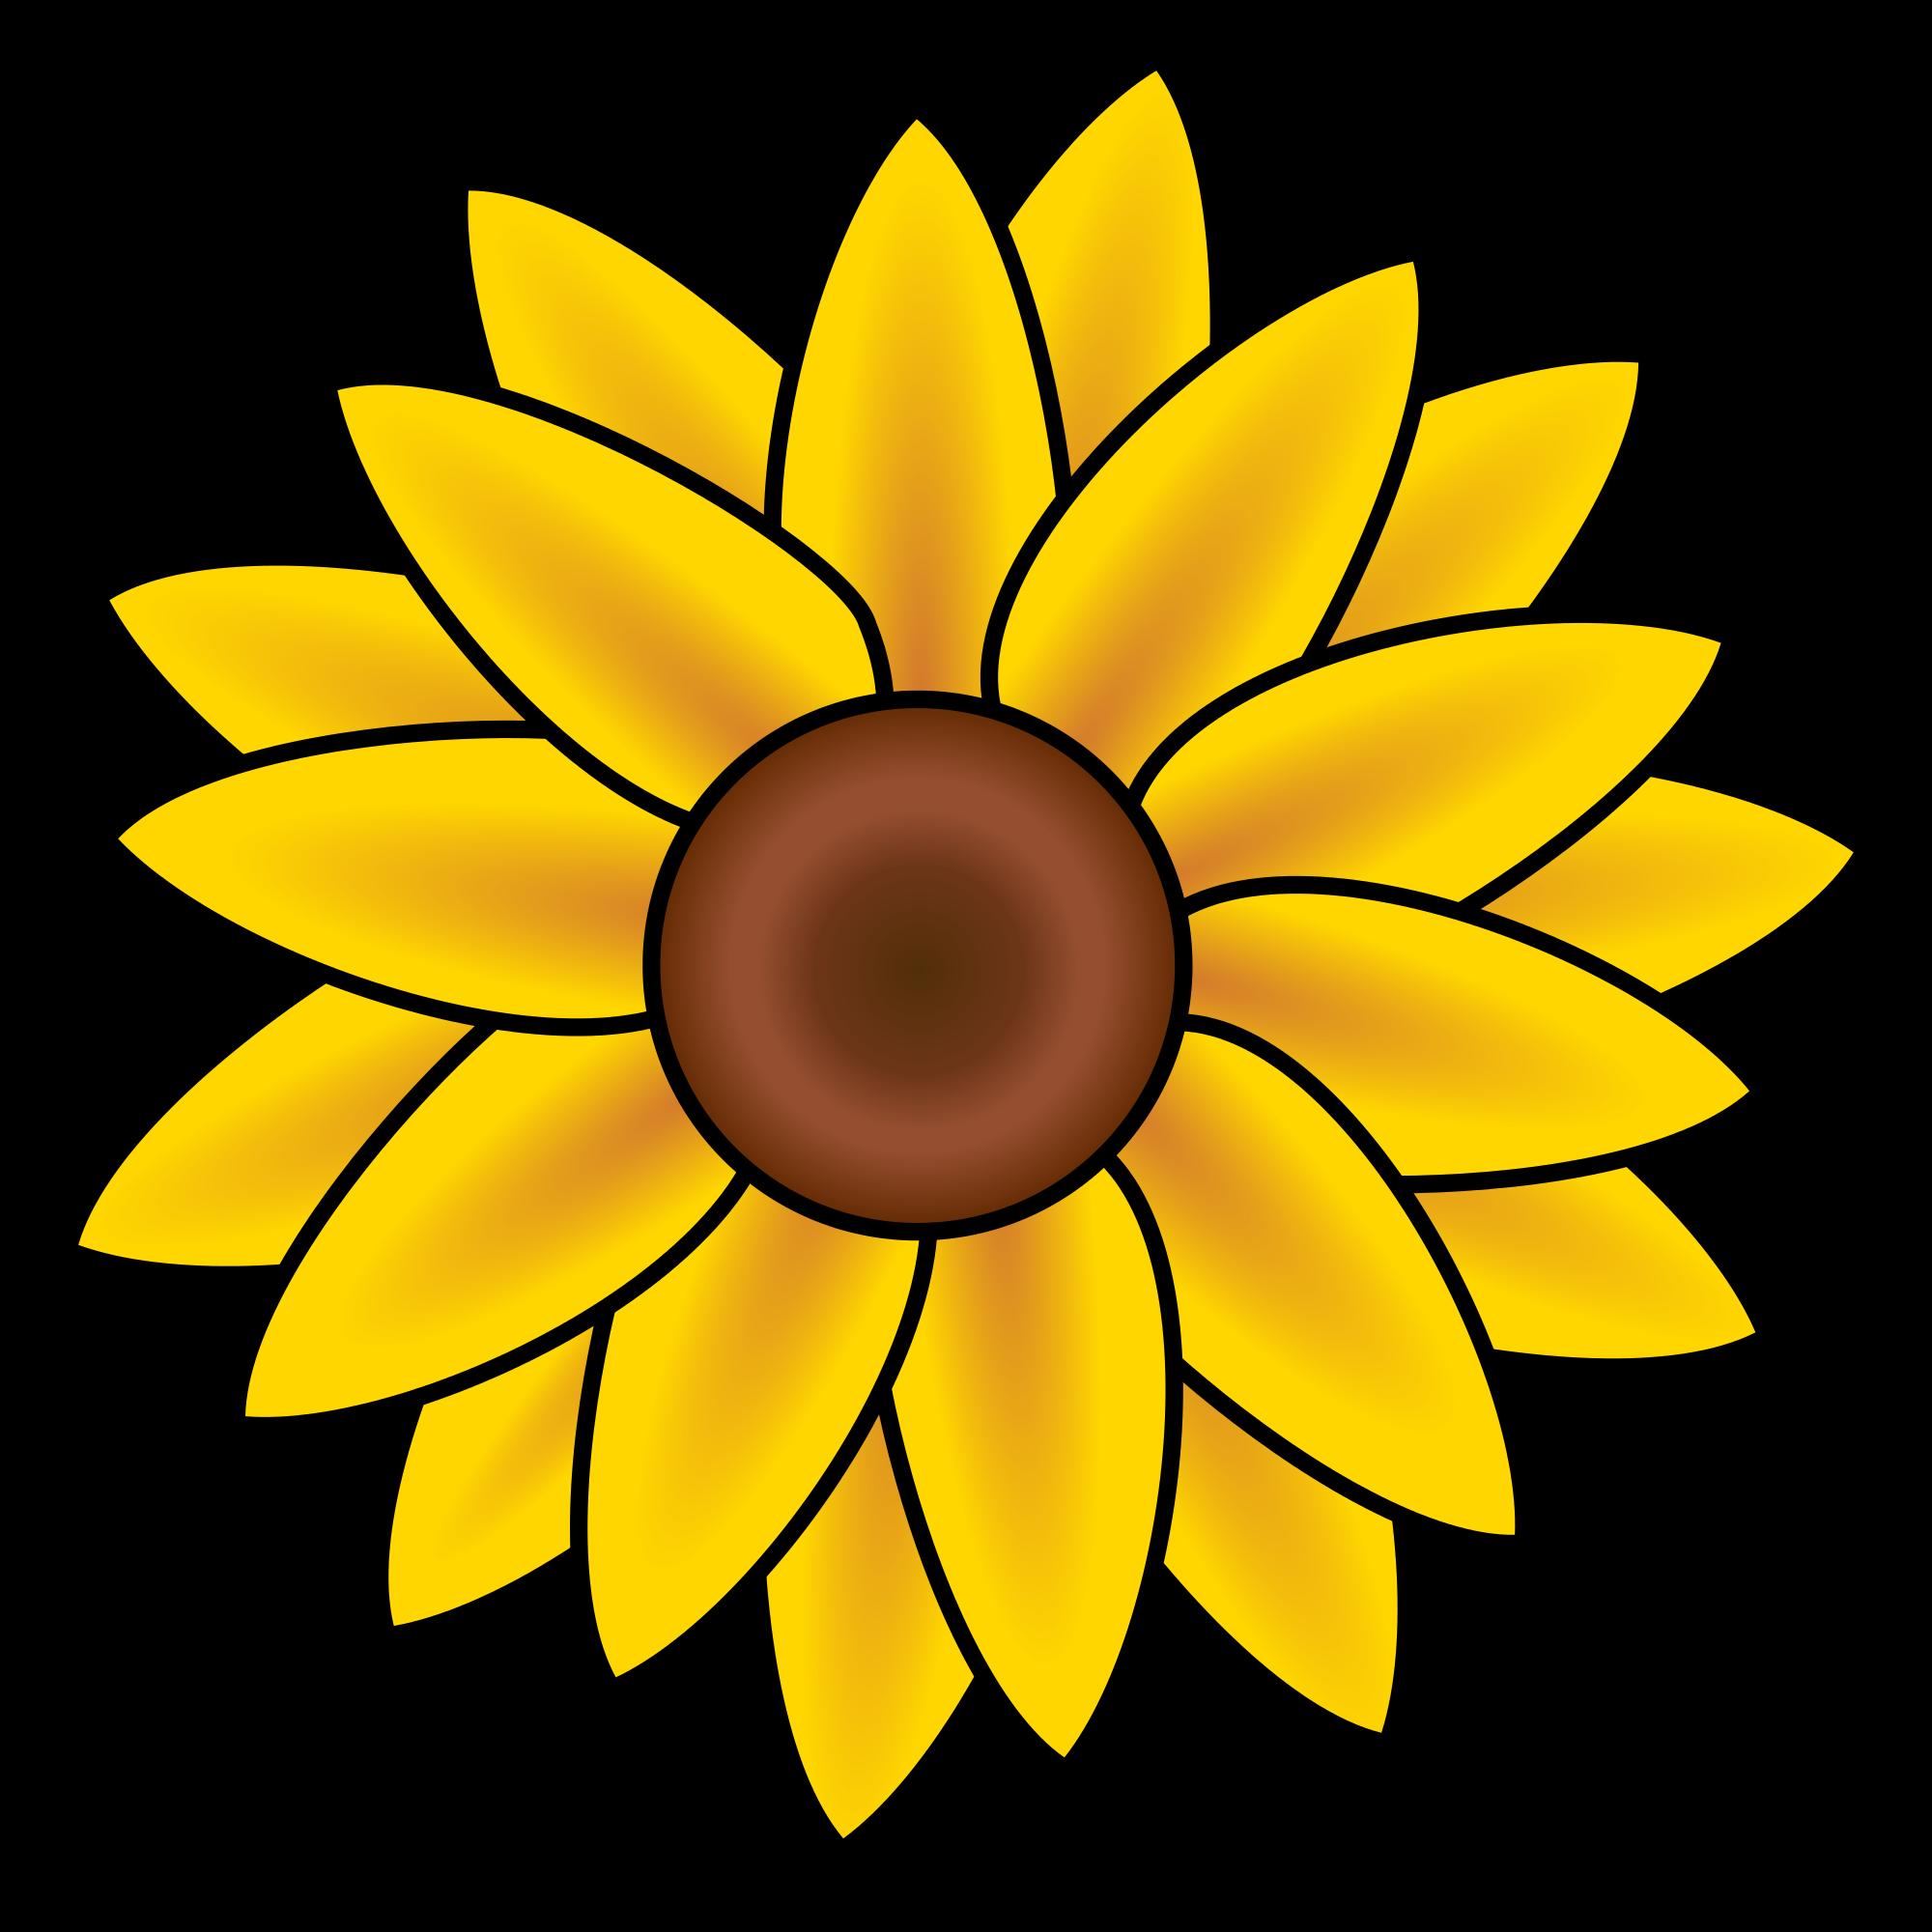 2000x2000 Filesunflower Clip Art.svg